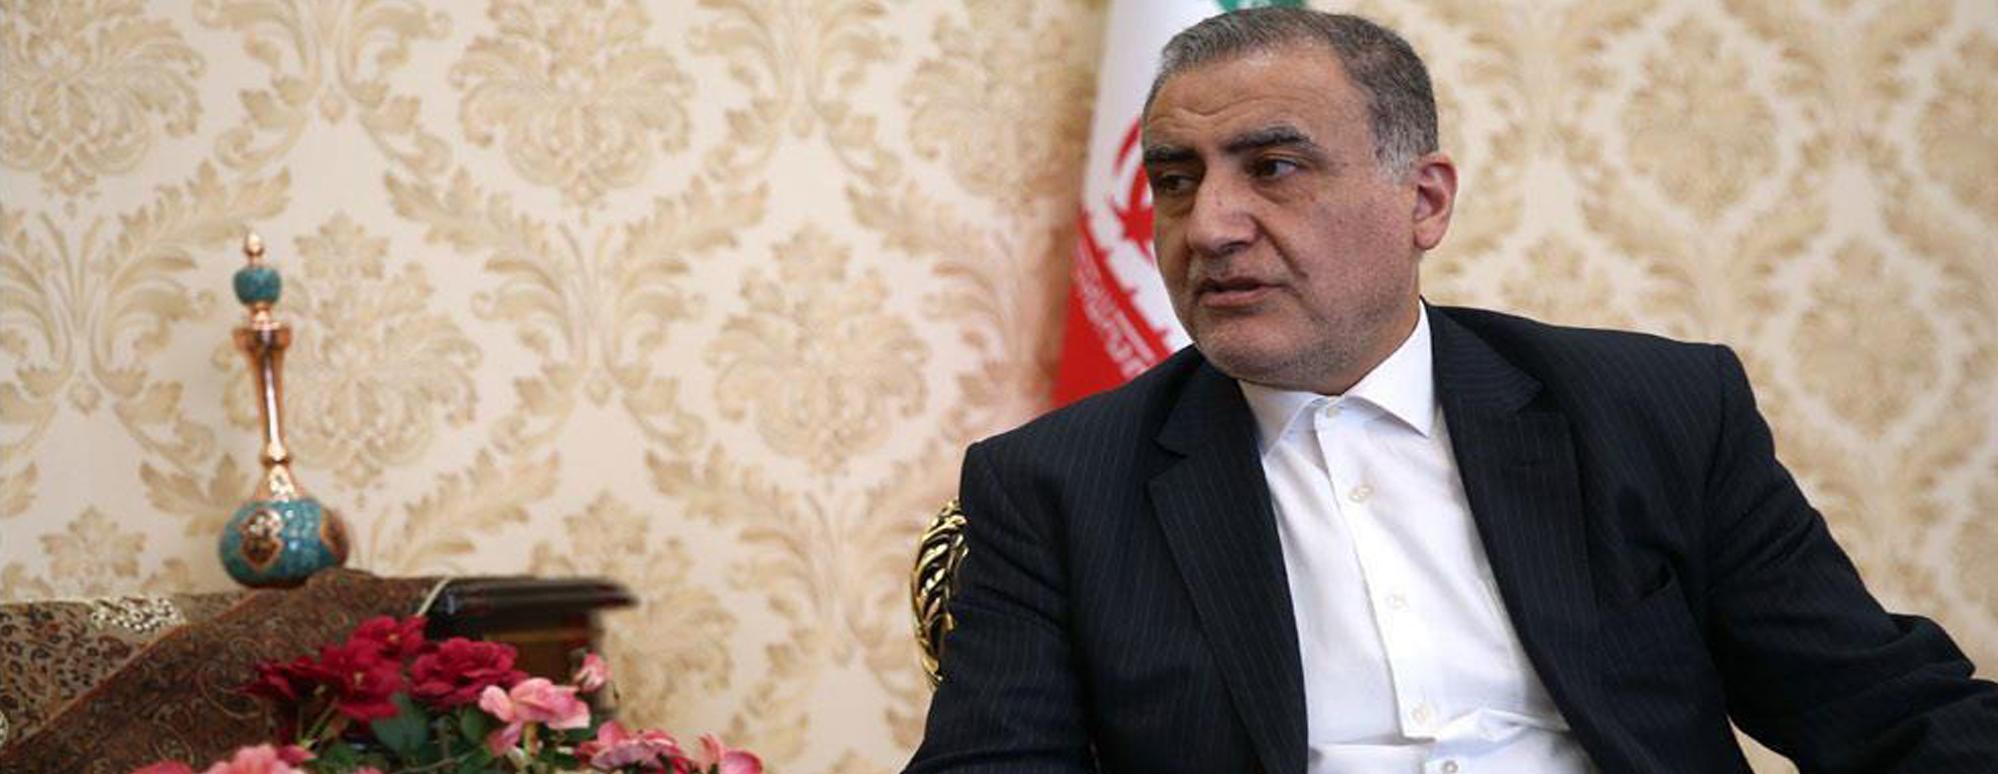 Иранский депутат: события в США должны стать уроком для всего мира